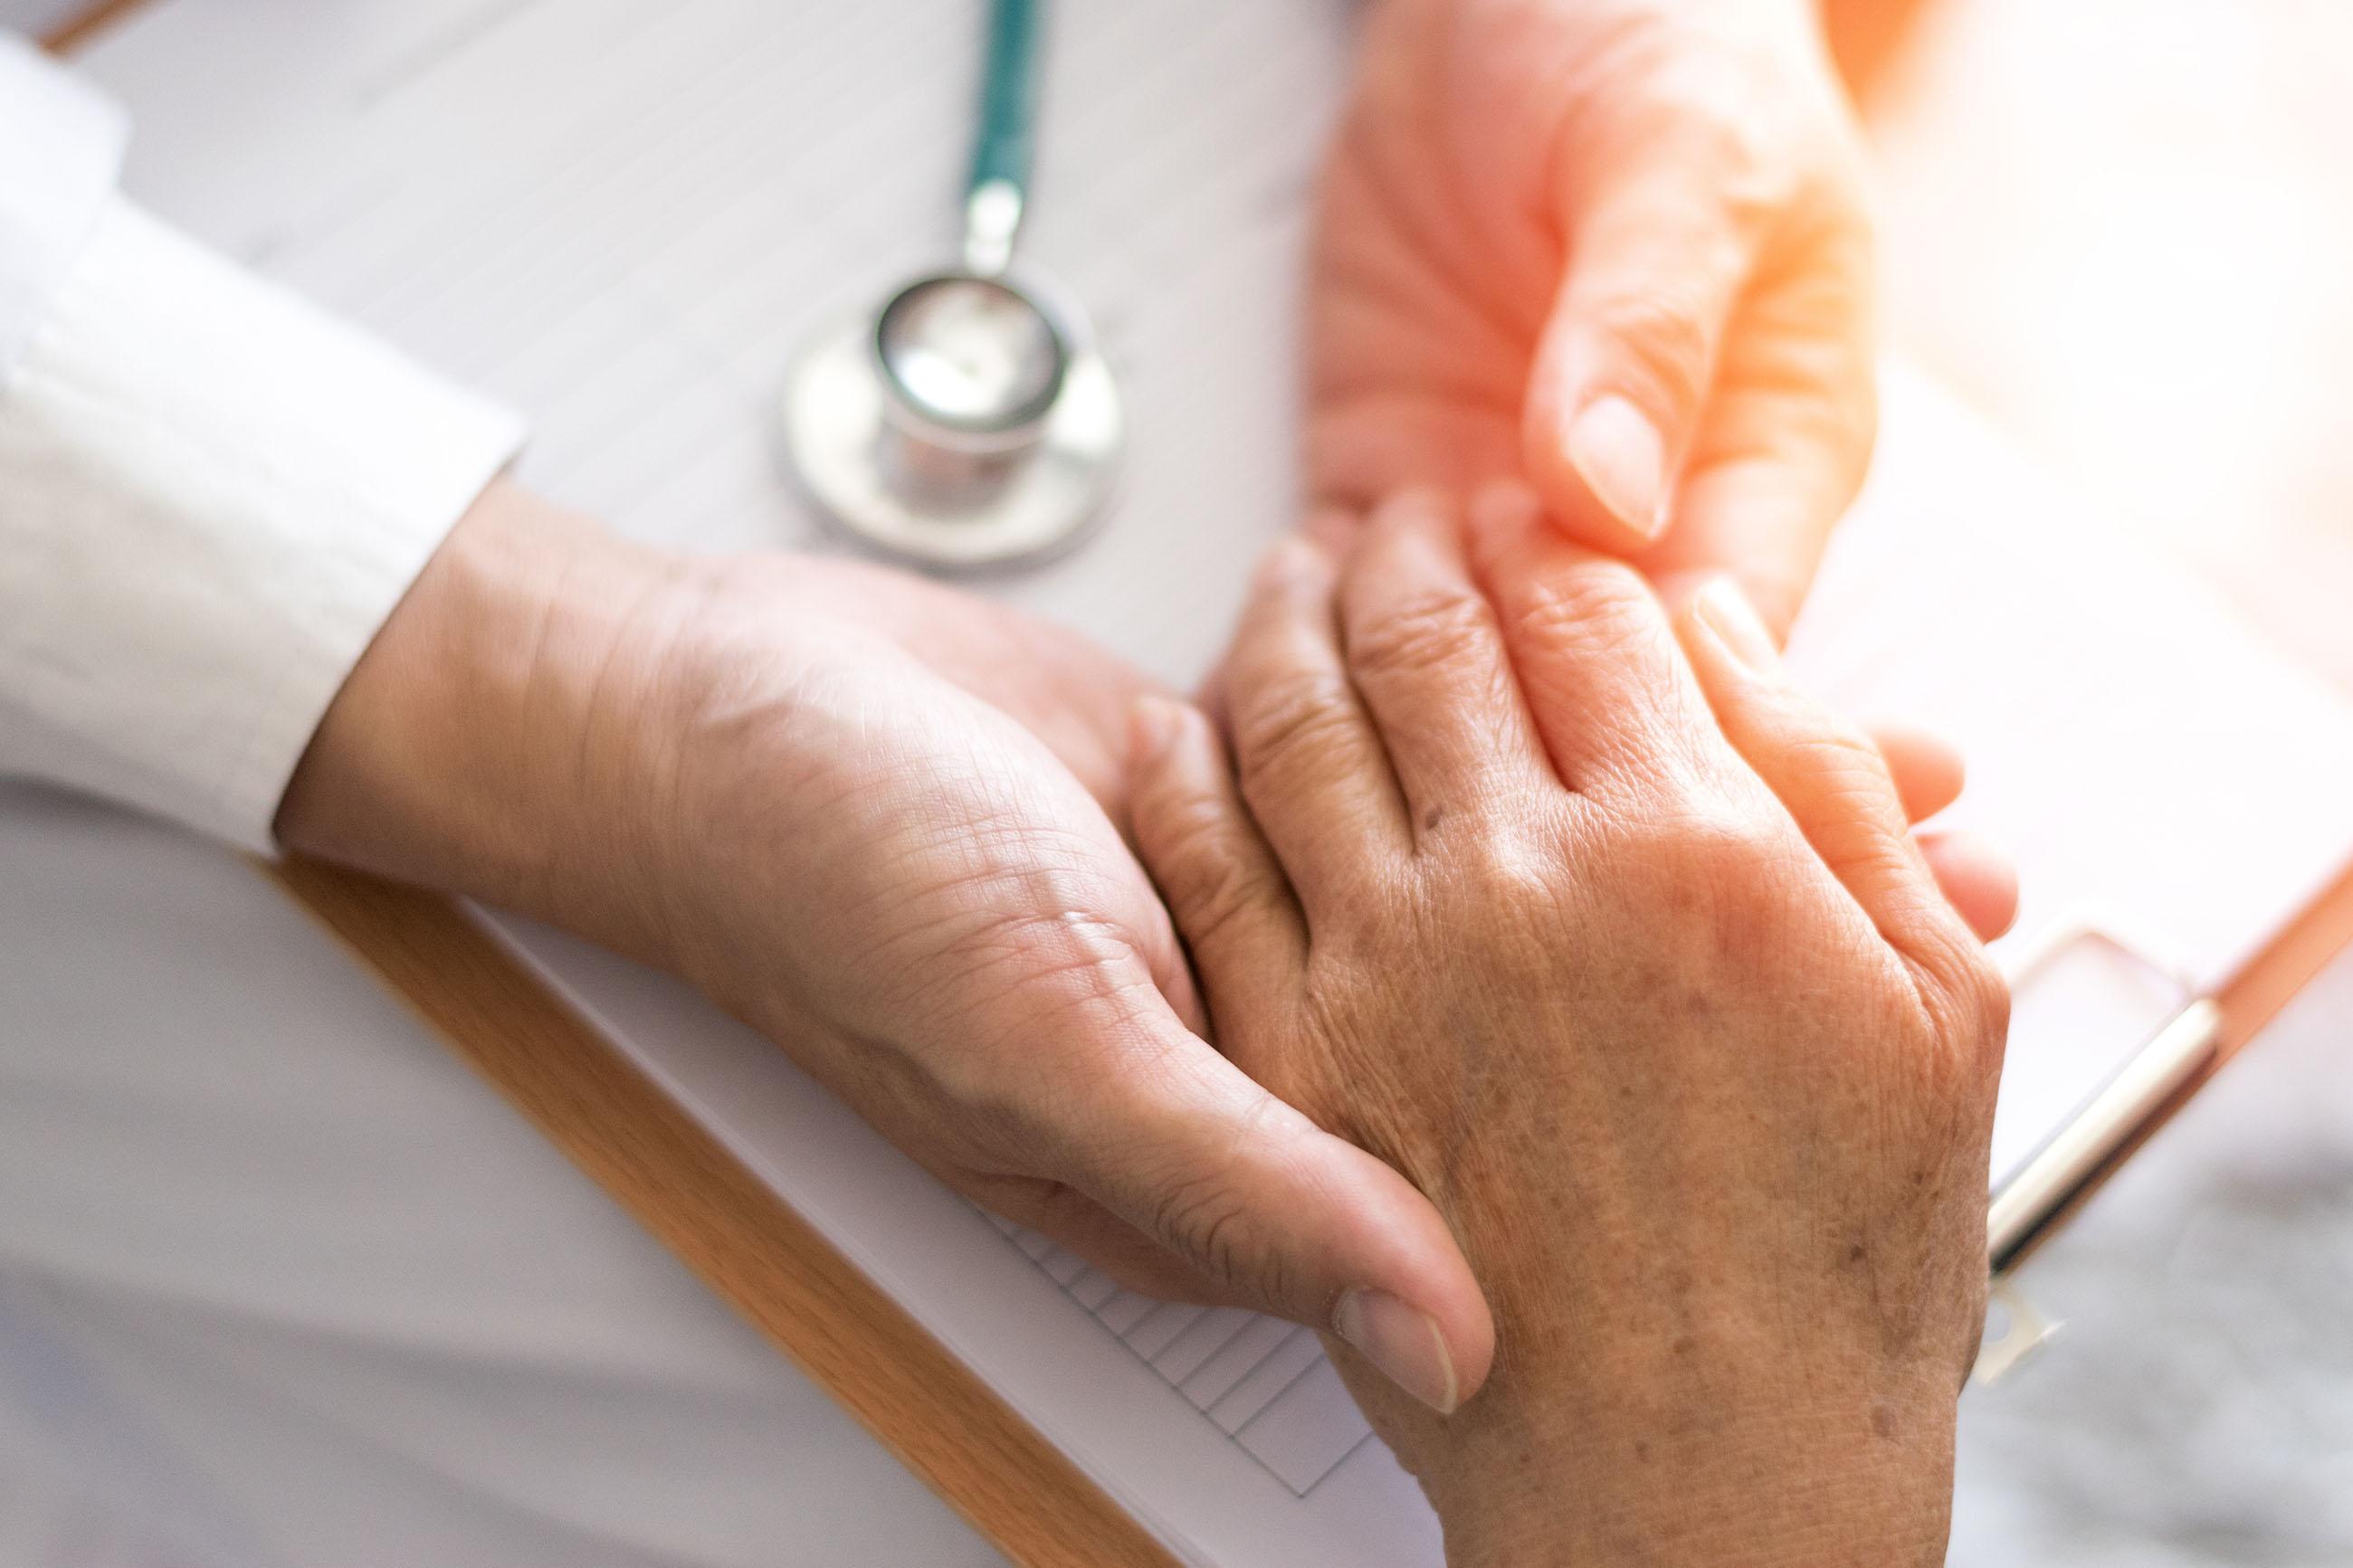 La fotografía muestra dos manos sujetando la mano de una persona de avanzada edad. Las mangas blancas y el estetoscopio indican que se trata de un examen médico.